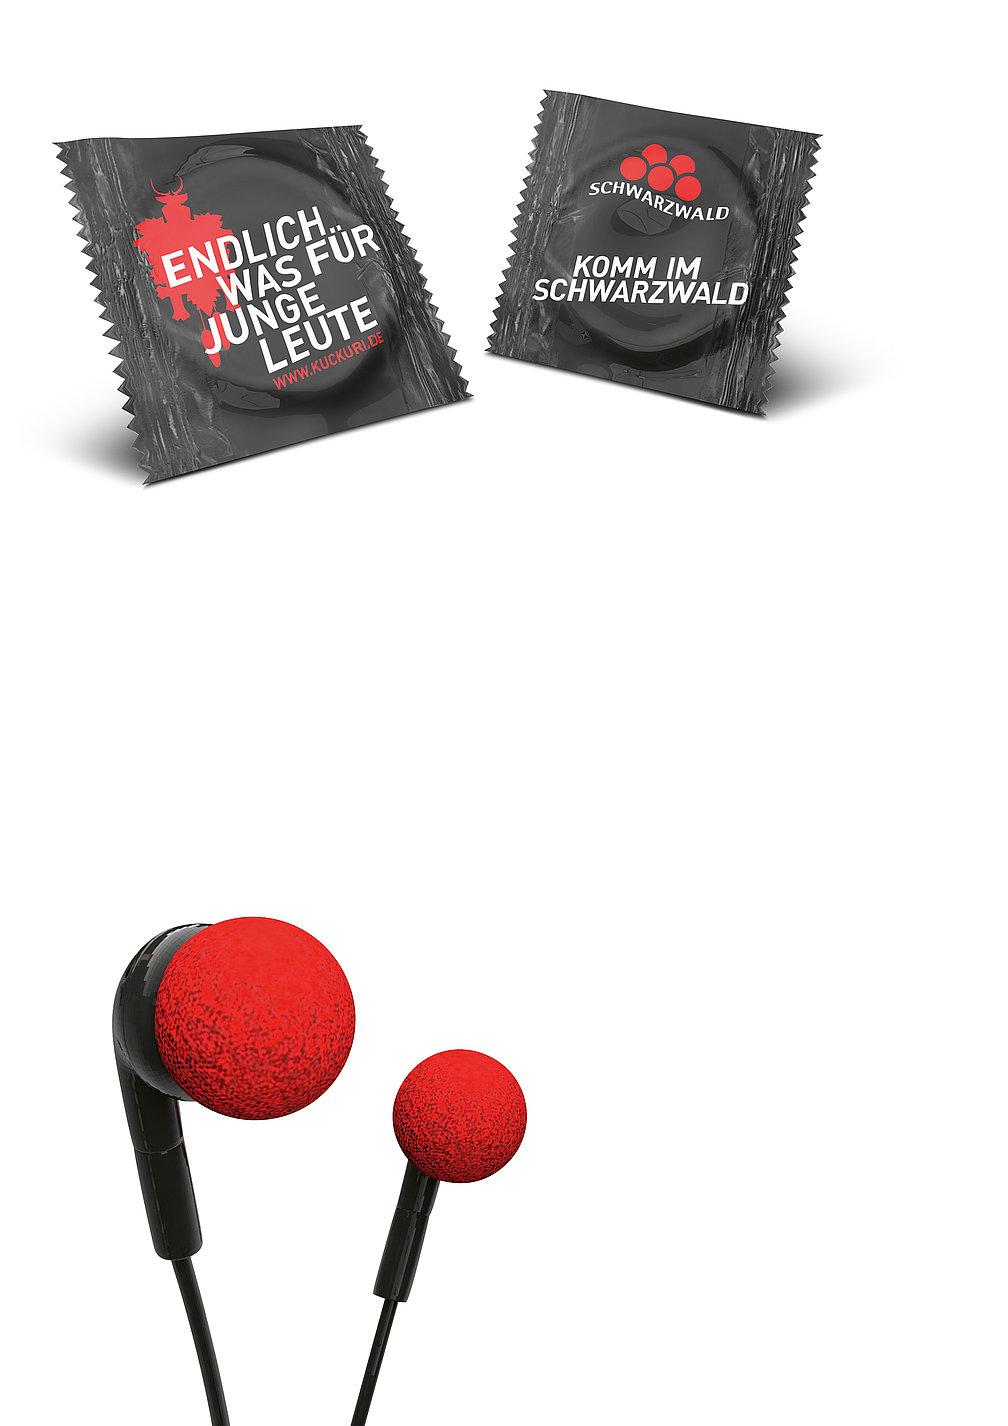 Schwarzwald – Endlich was für junge Leute | Red Dot Design Award